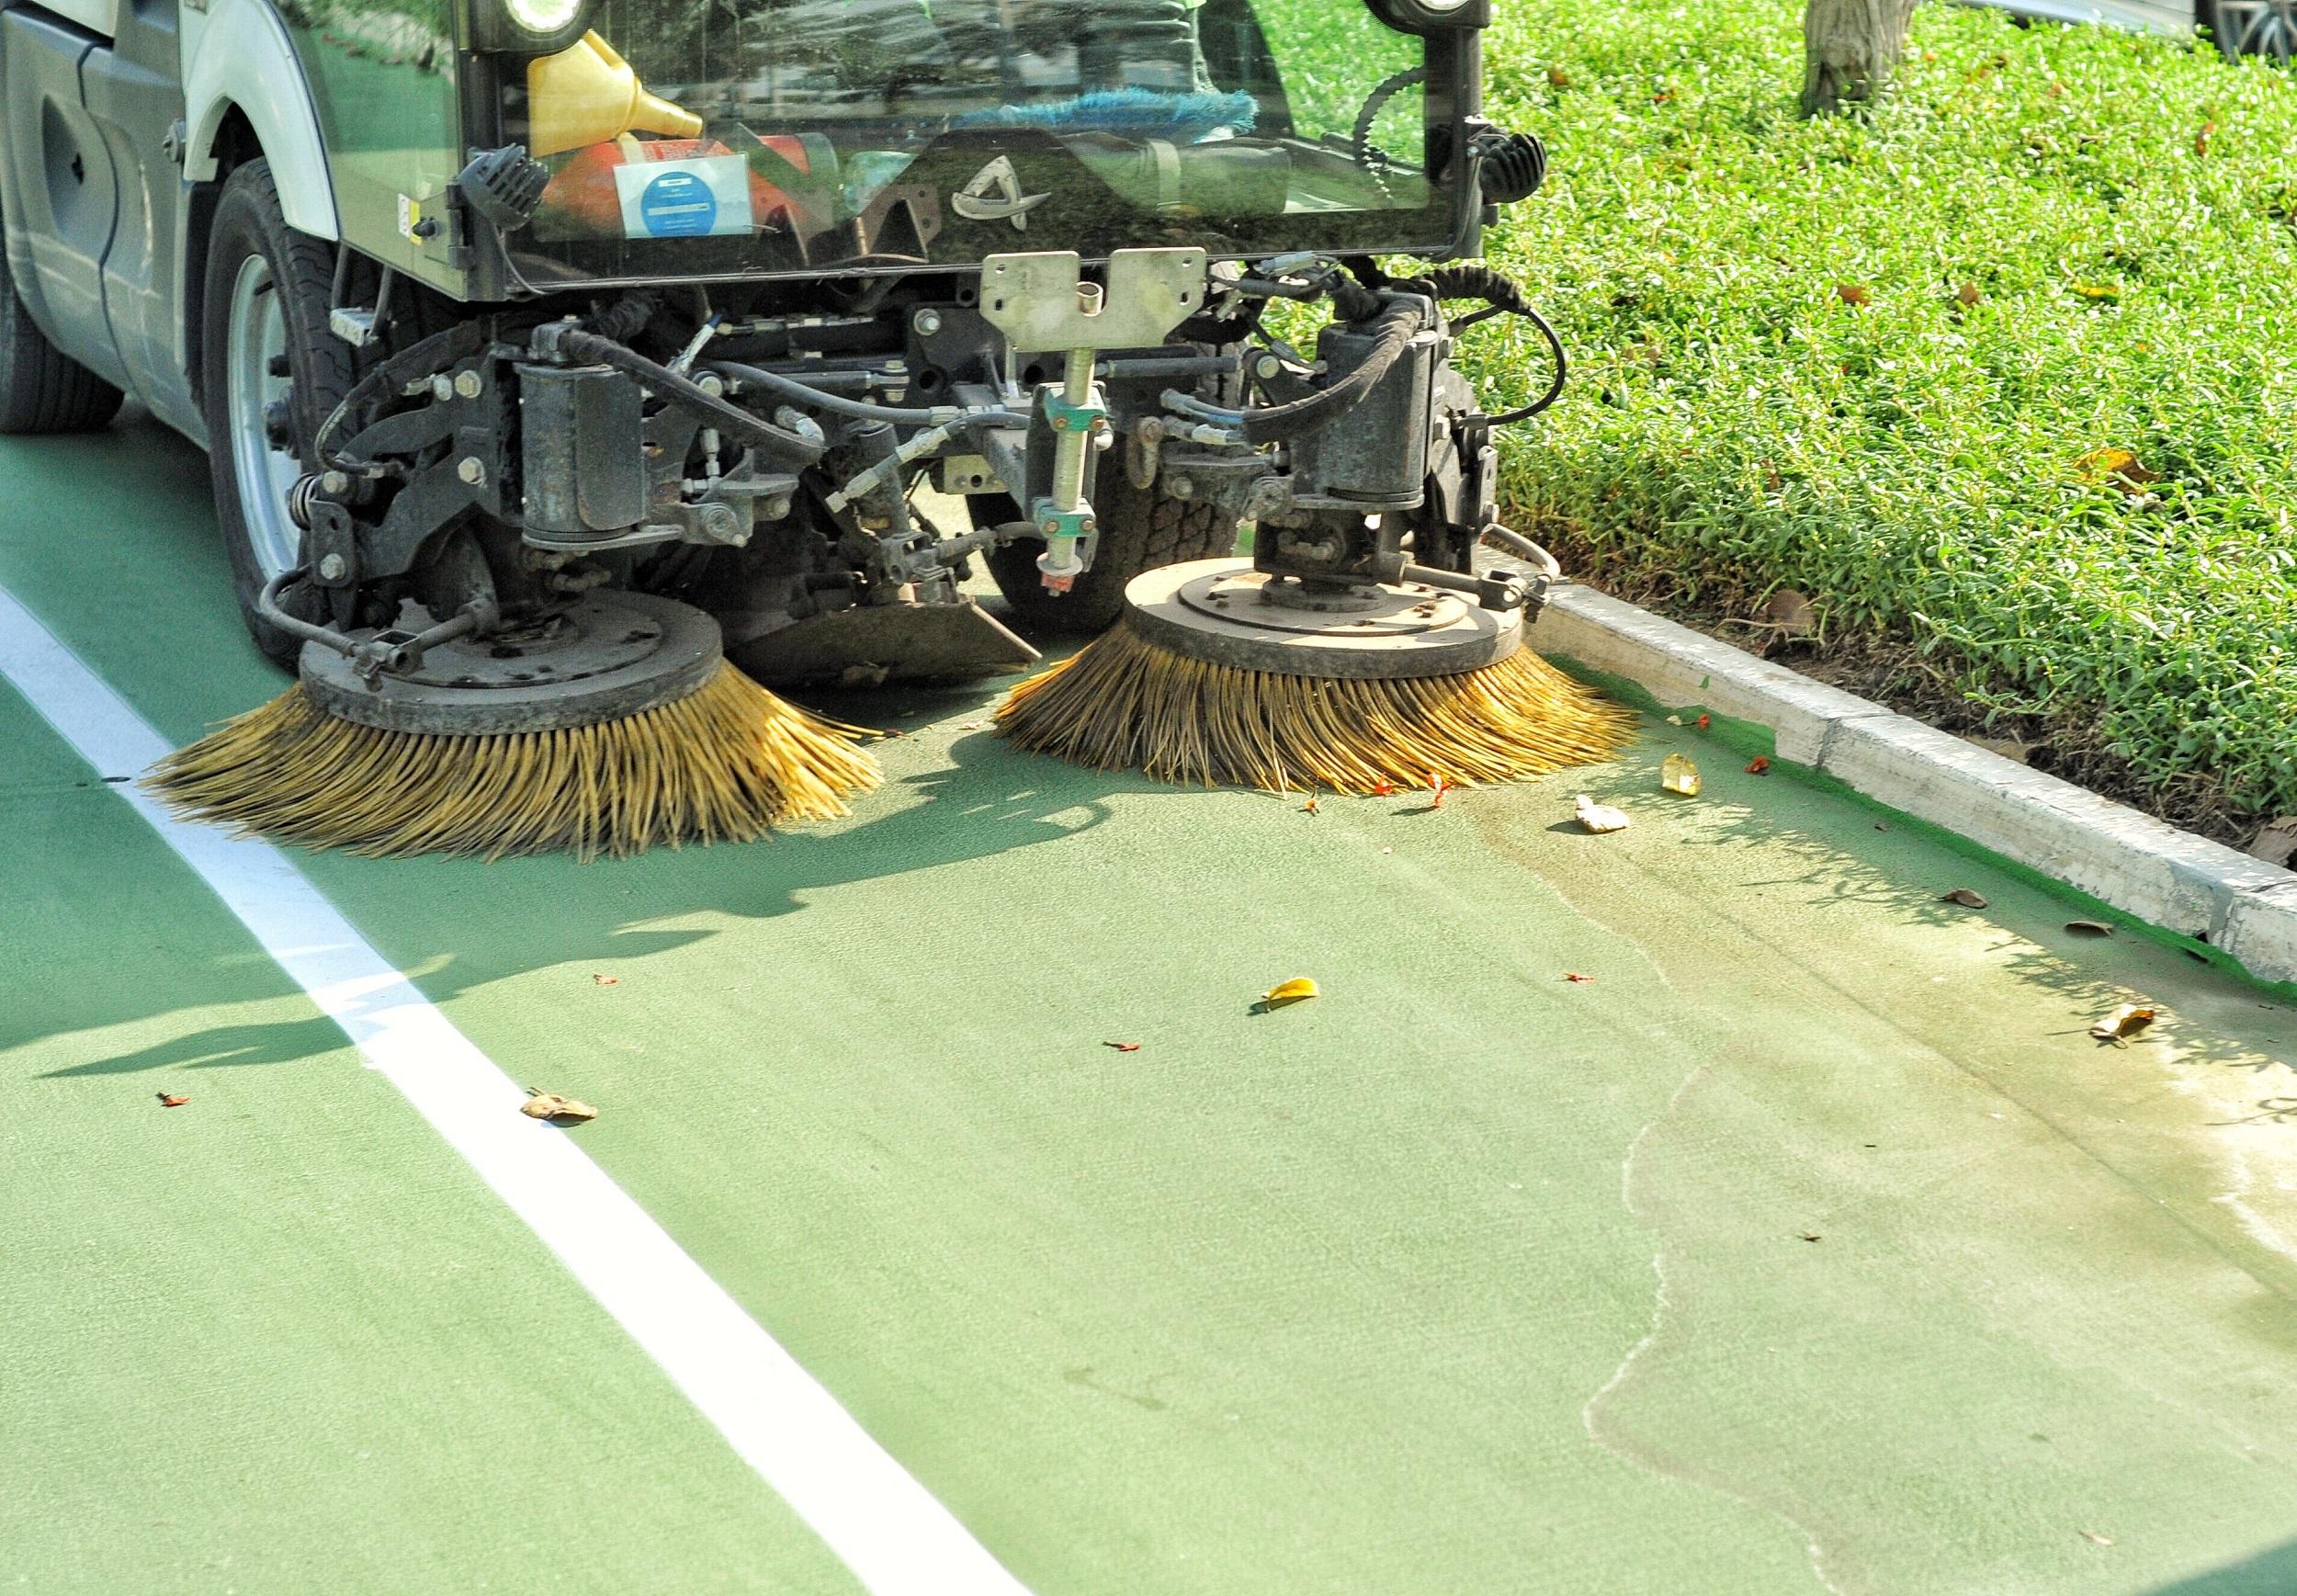 matériel de nettoyage industriel - balayeuse voierie